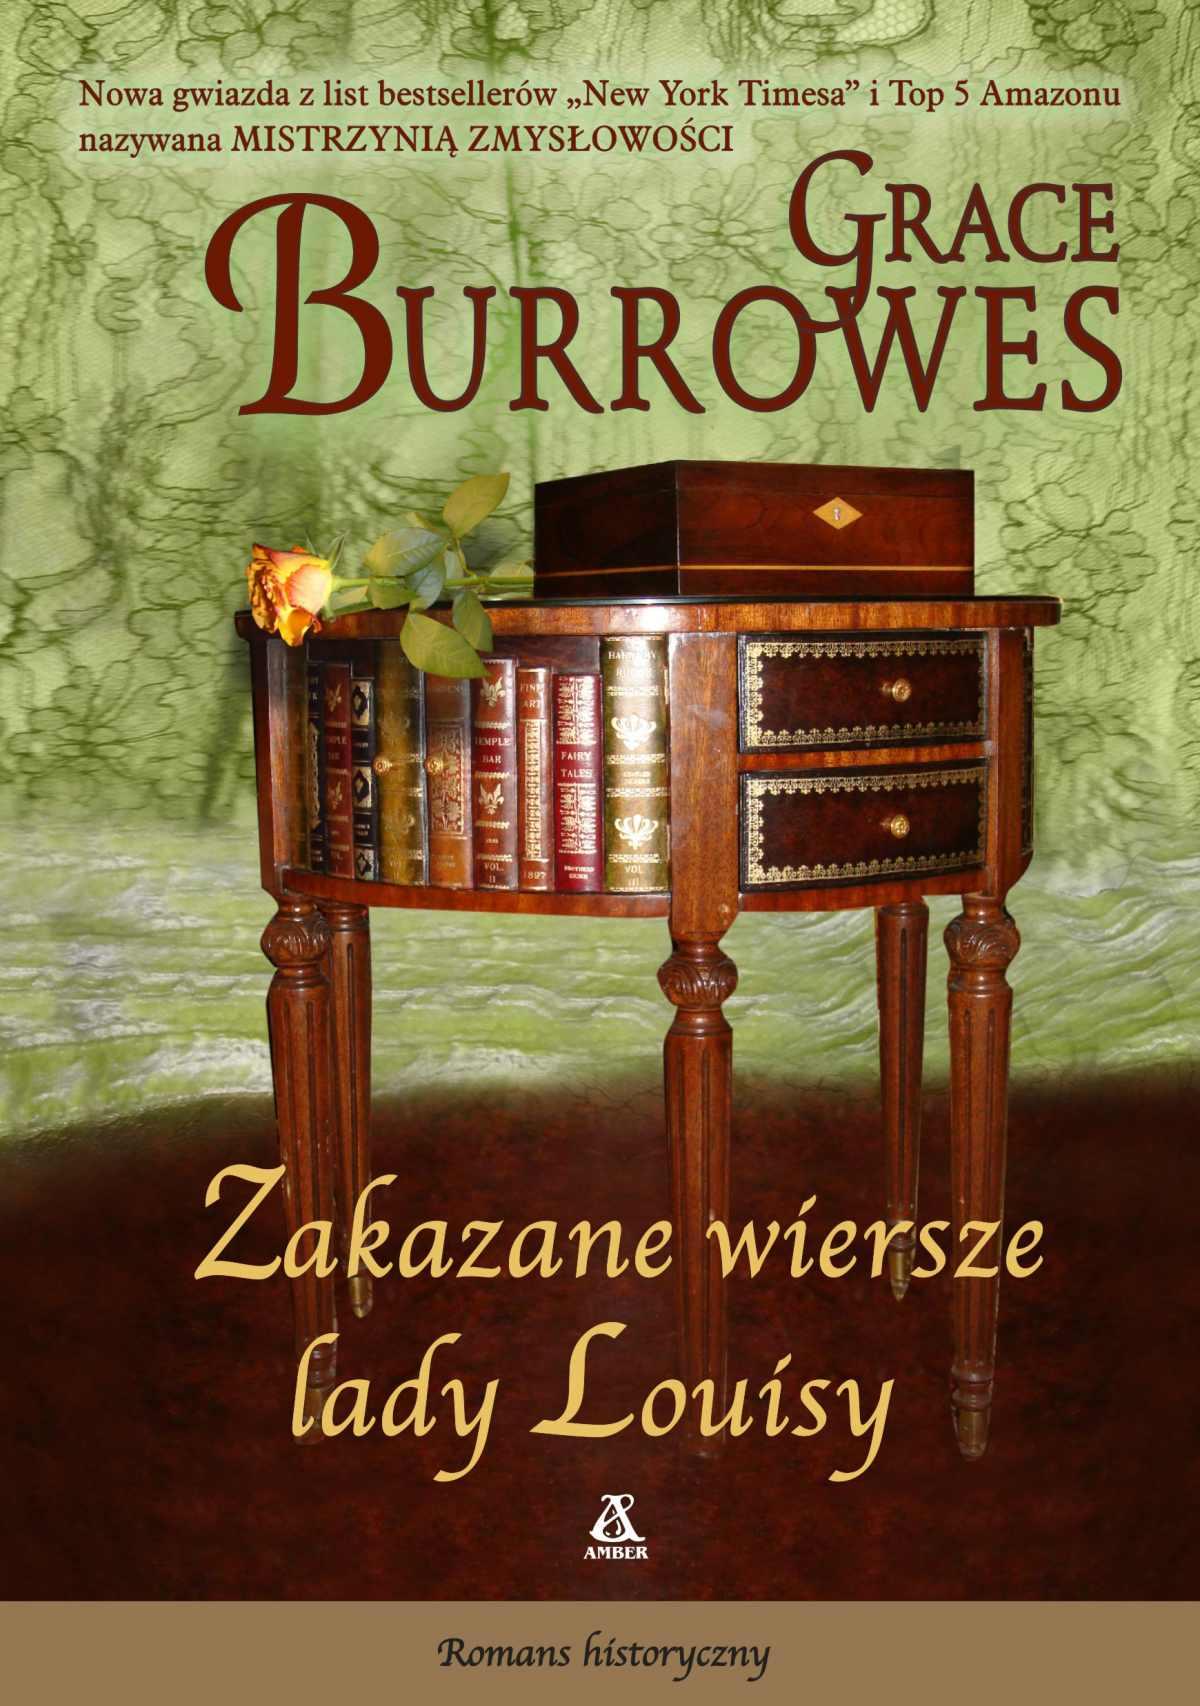 Zakazane wiersze lady Louisy - Ebook (Książka EPUB) do pobrania w formacie EPUB